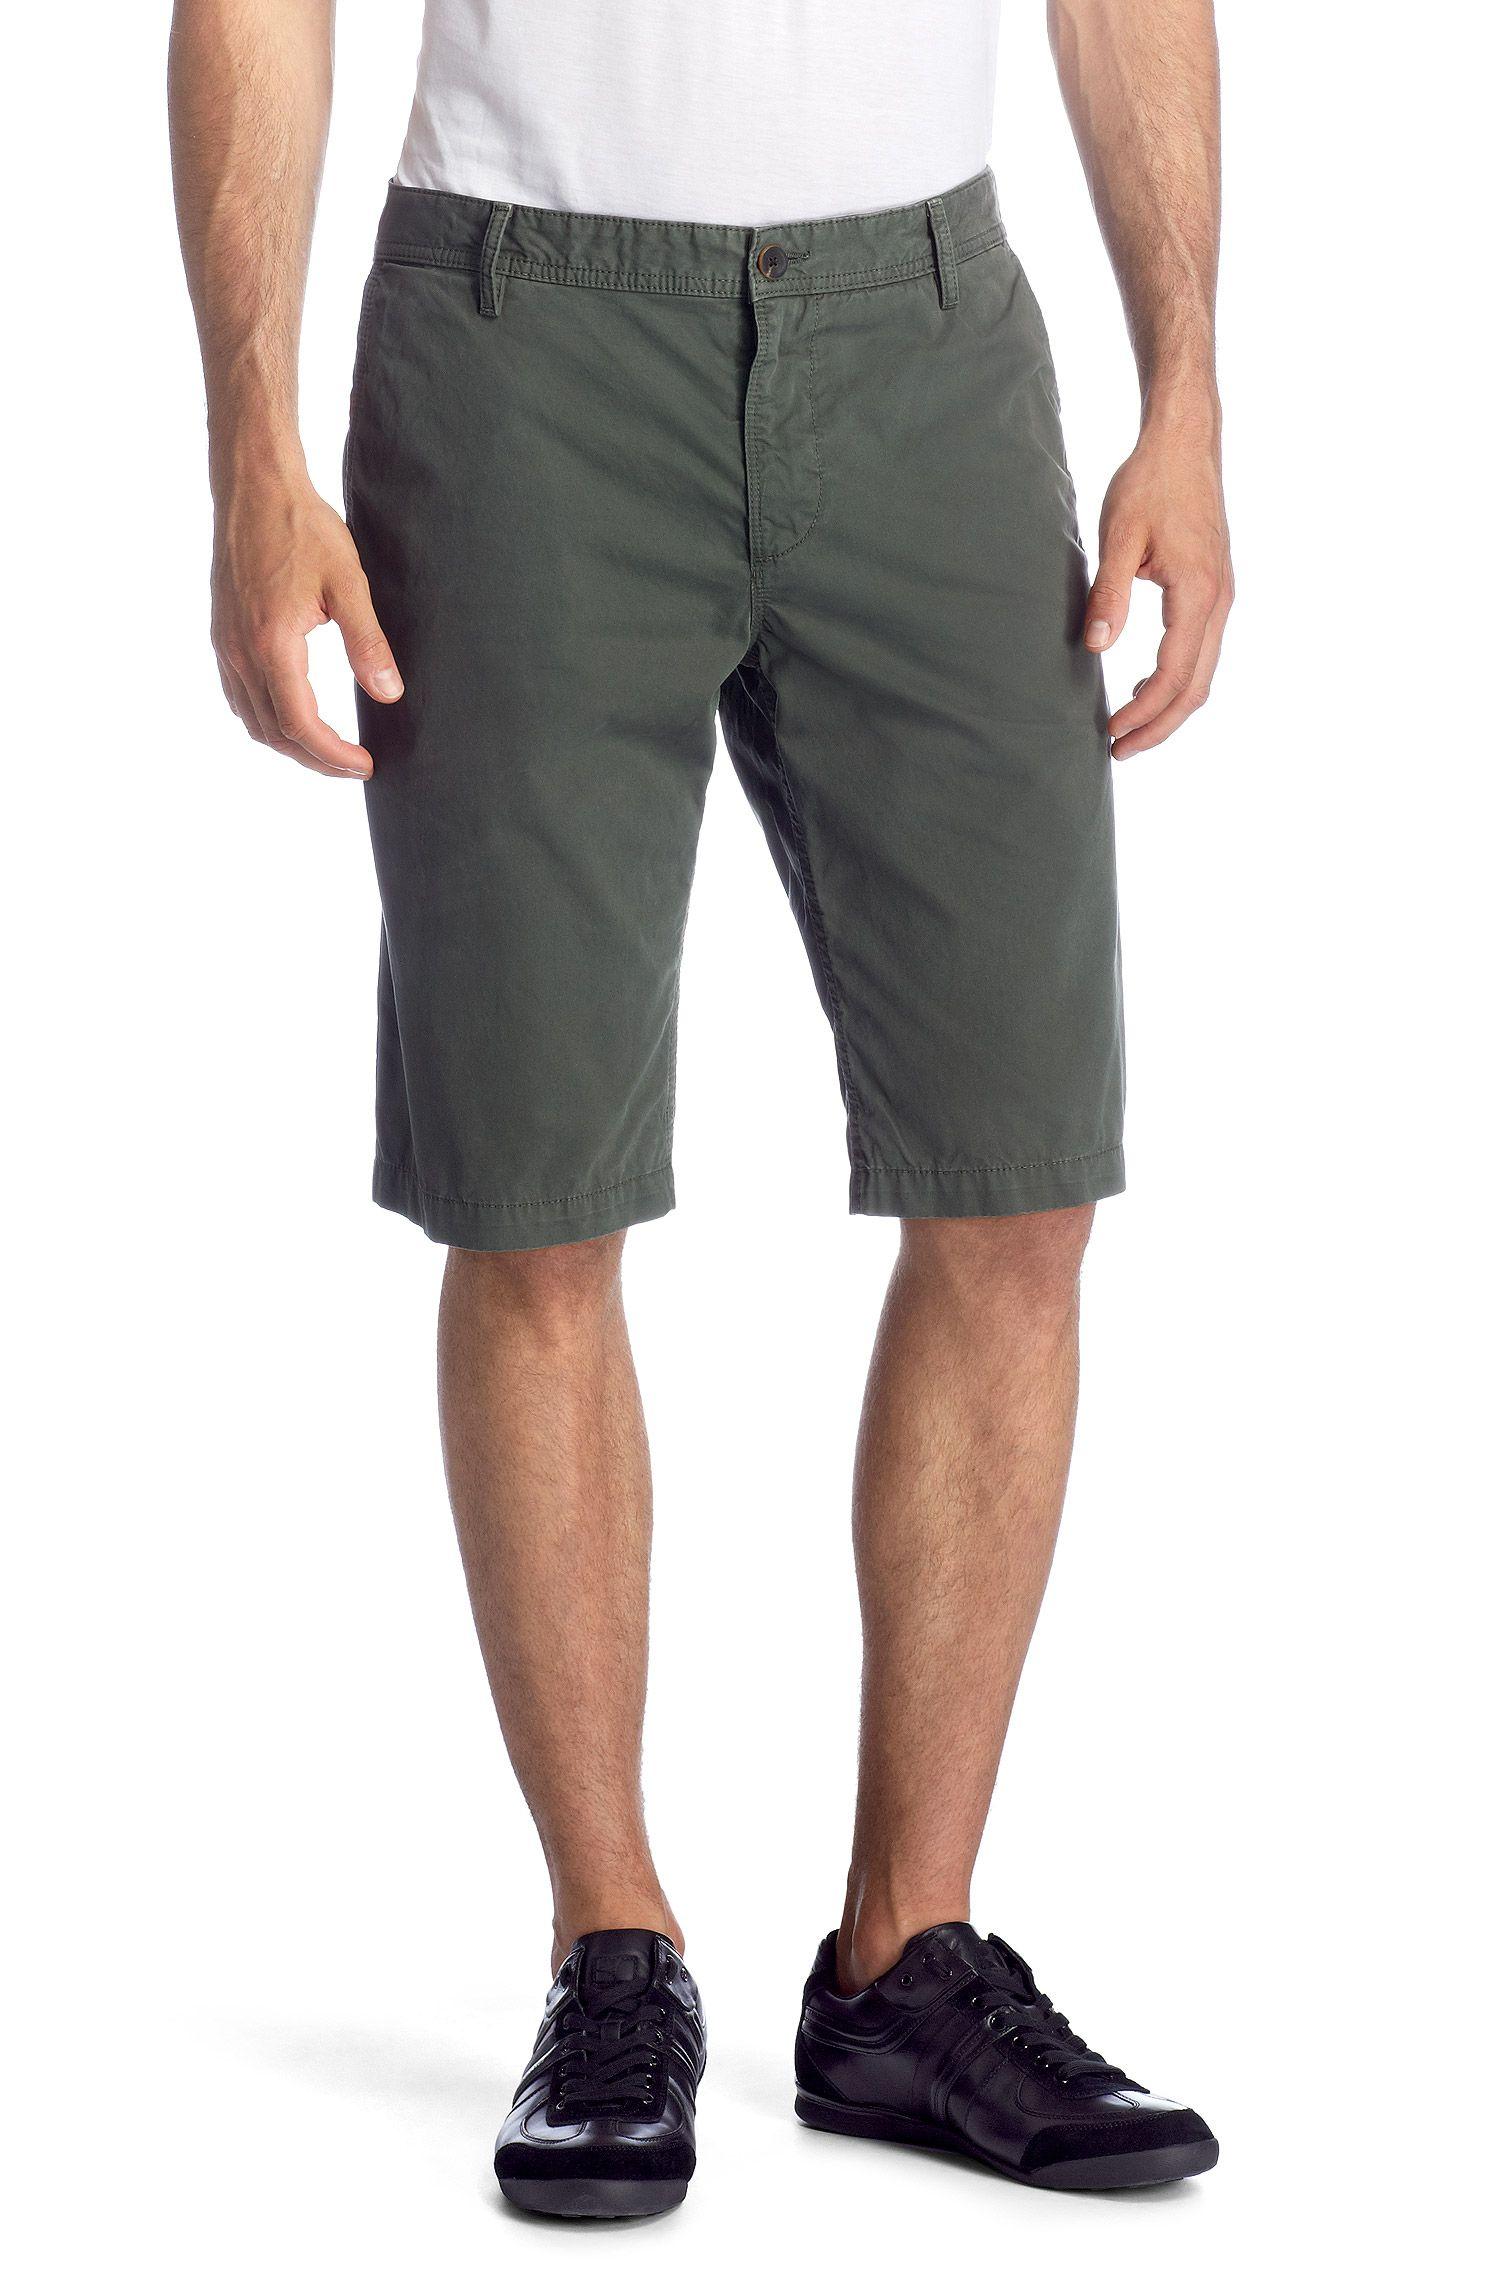 Bermuda détente Regular Fit, Schino-Shorts-D